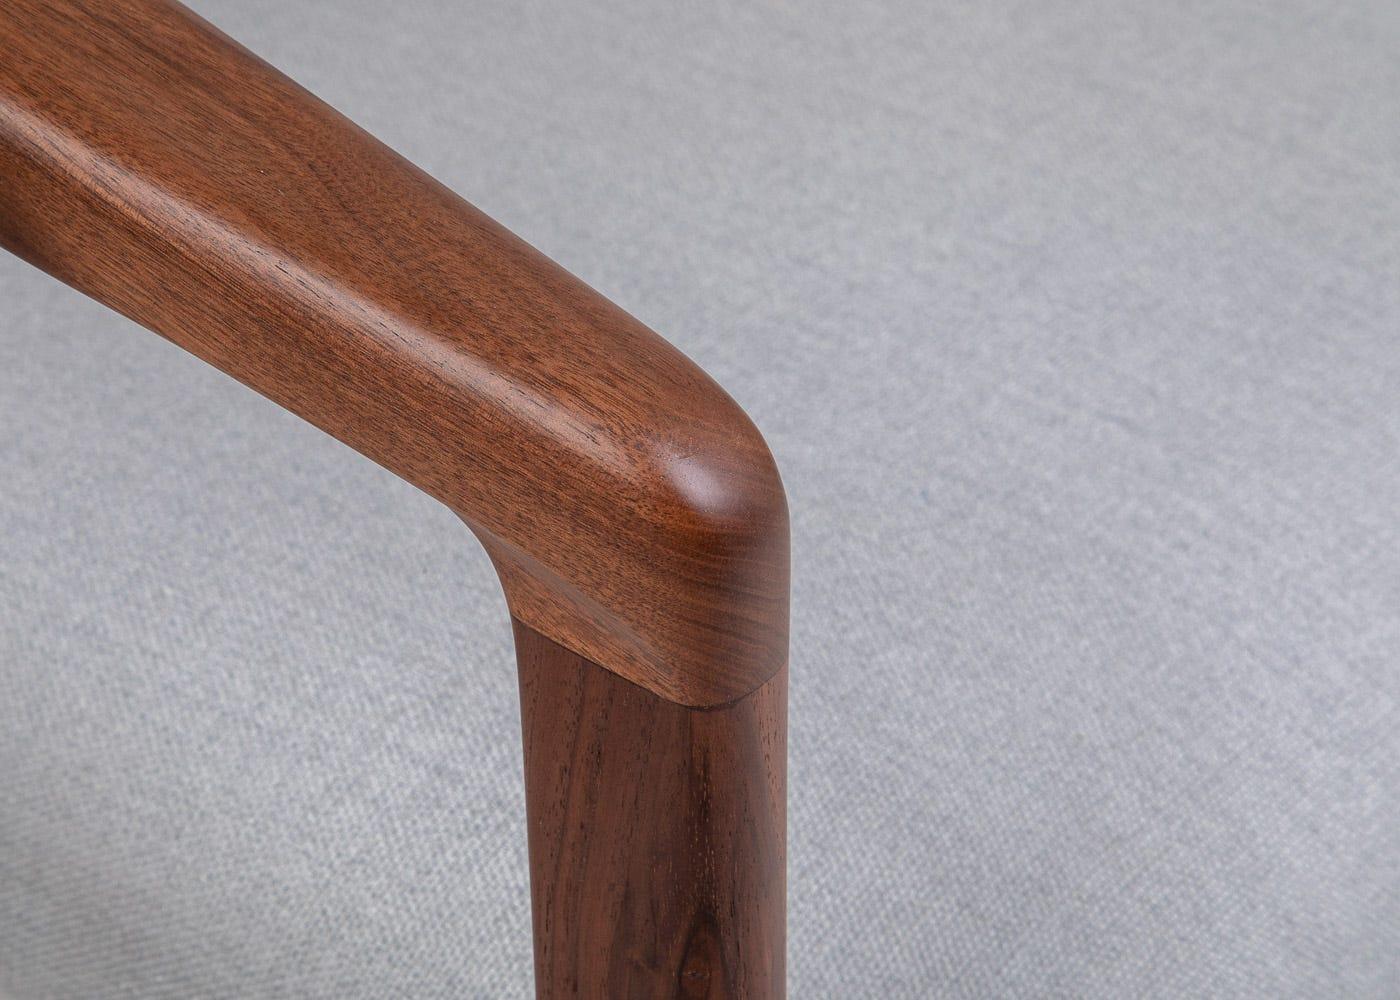 Solid walnut frame.